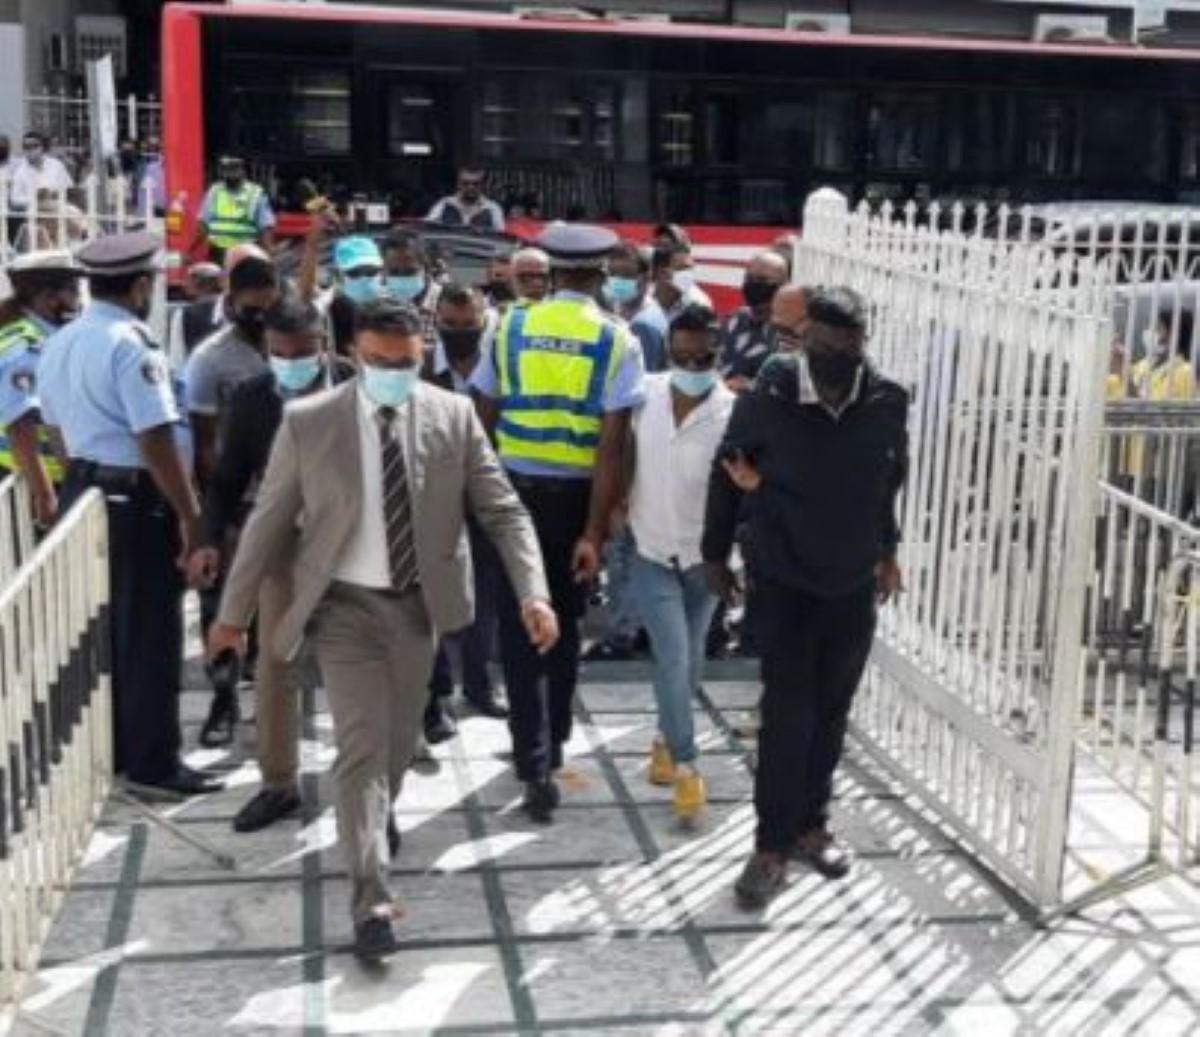 """Emploi fictif : l'ex ministre Sawmynaden fait son entrée à la Cour en """"vilain manière"""""""